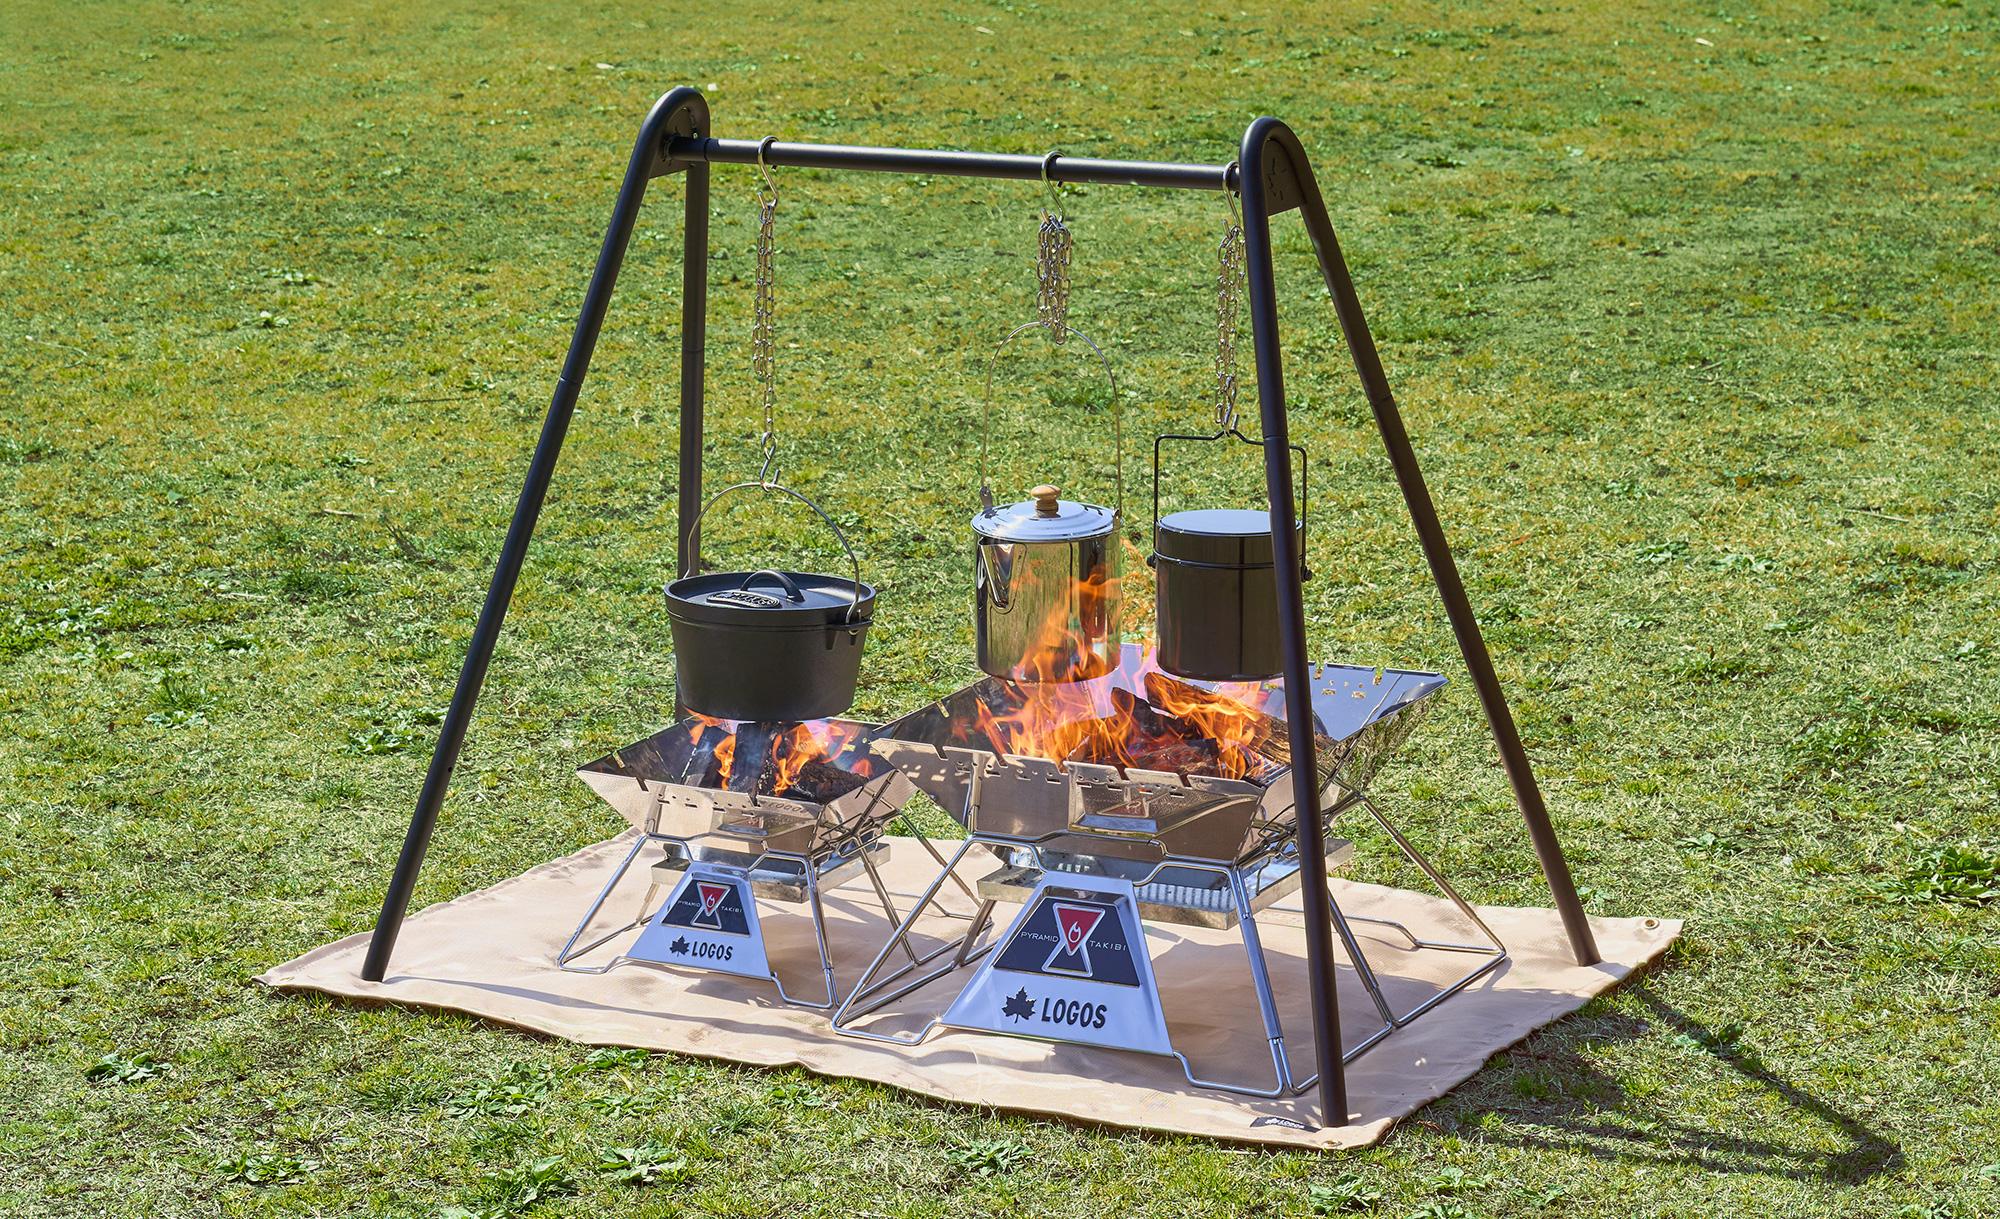 【ロゴス】同時に3つの吊り調理ができる!吊り下げ収納で快適なキャンプスタイルに「TAKIBI A型クックポッド」 新発売!